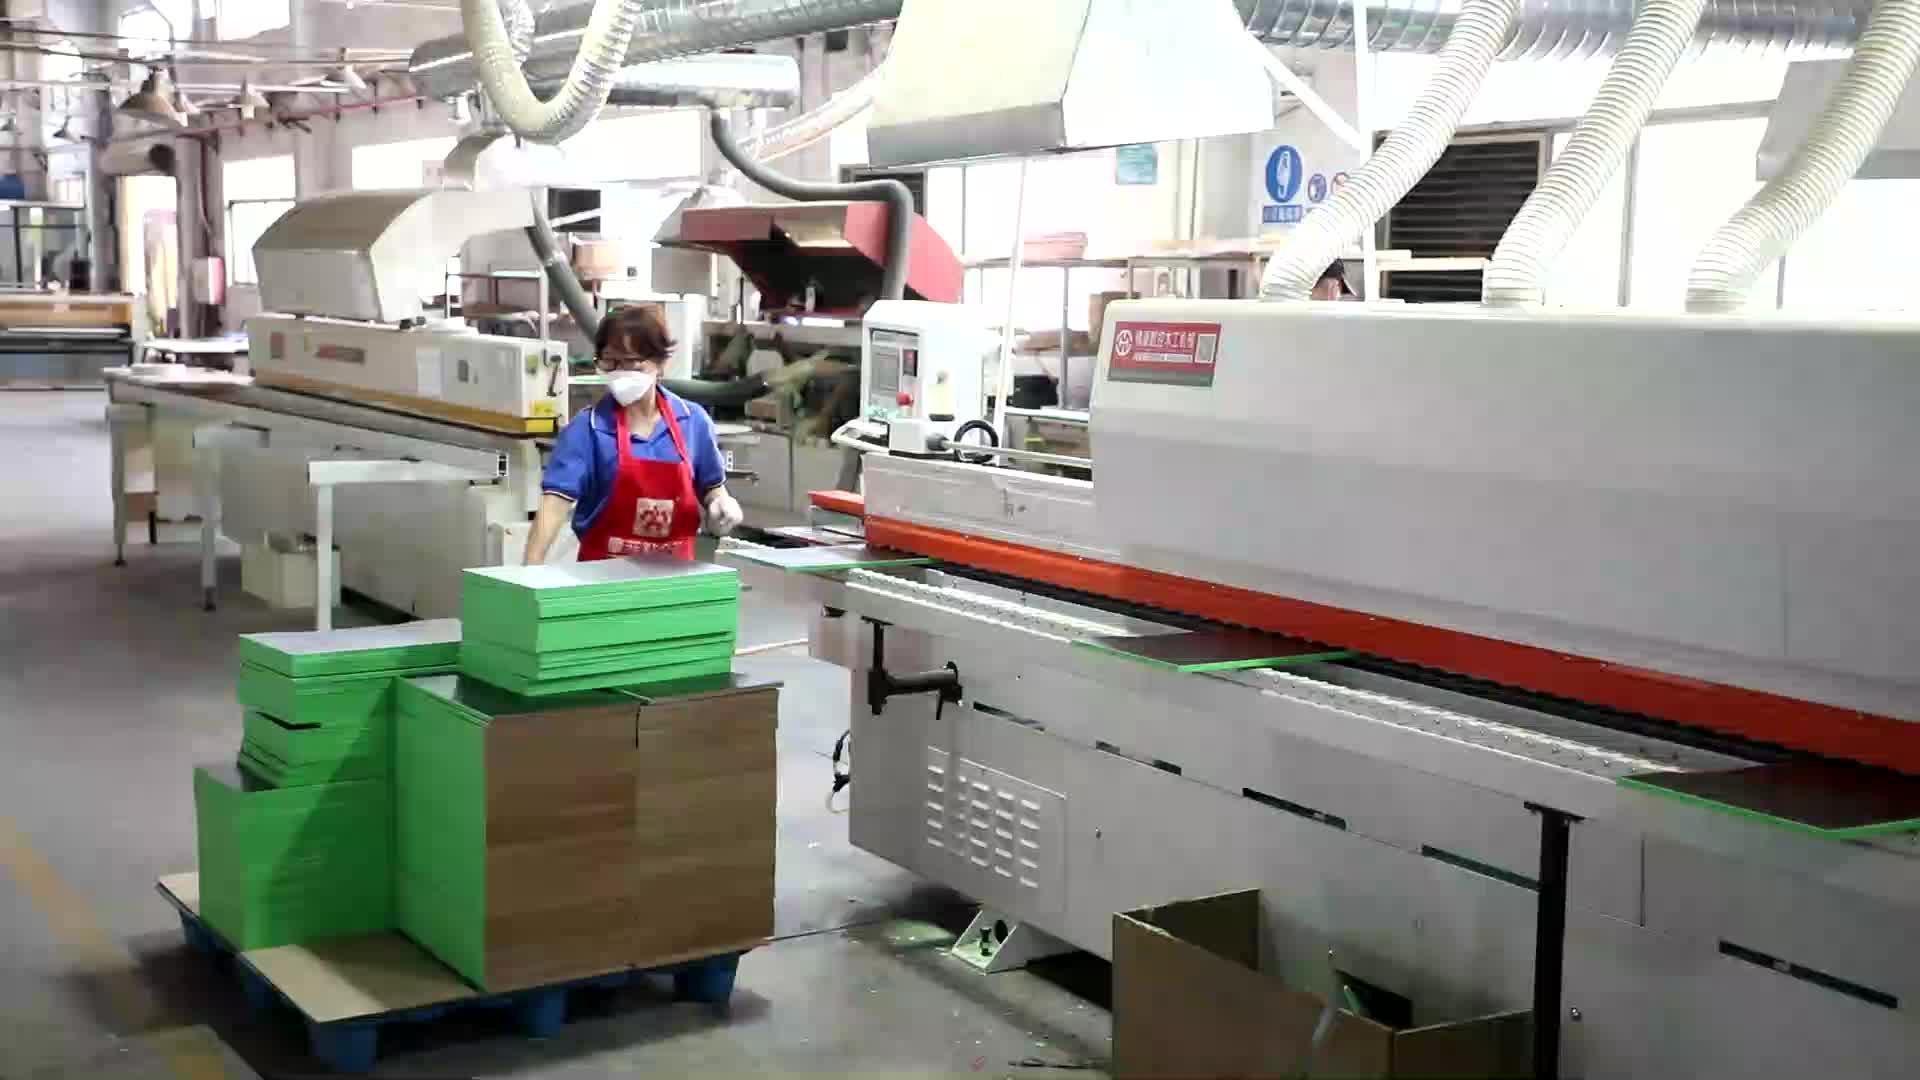 โรงงานขายร้อน CLASSIC Professional อุปกรณ์เสริมสไตล์โมเดิร์นสระว่ายน้ำสนุ๊กเกอร์บิลเลียด